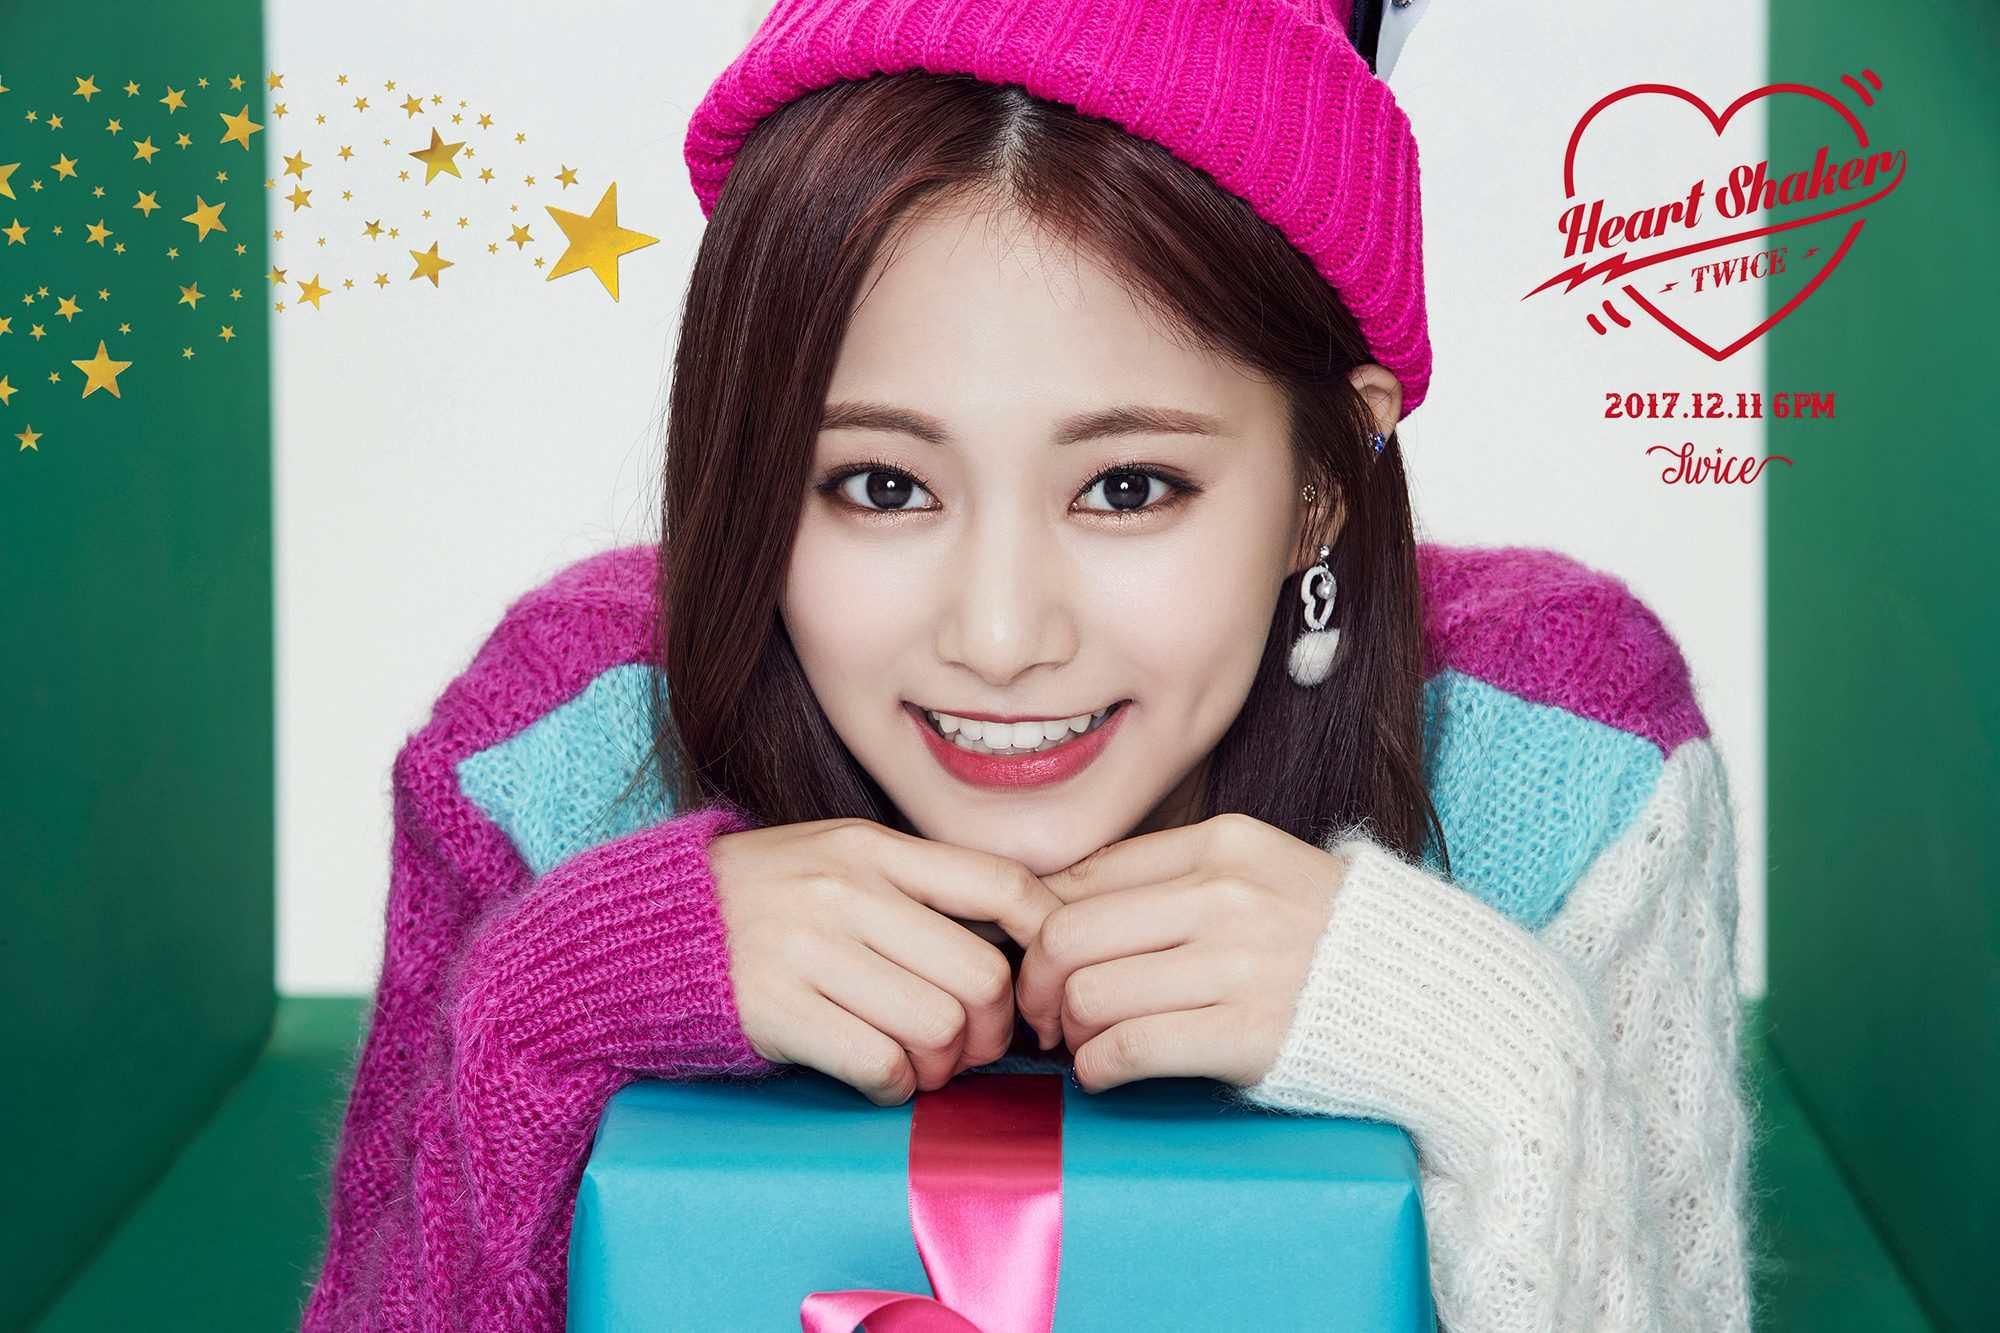 而今年韓國樂壇中排名最高的,就是被粉絲稱讚「漂亮孩子旁邊又是漂亮孩子」的TWICE 門面子瑜!去年排名第8的子瑜一□氣飆了5個名次來到第3名,不只因此成為韓國演藝圈中的「最美」代表